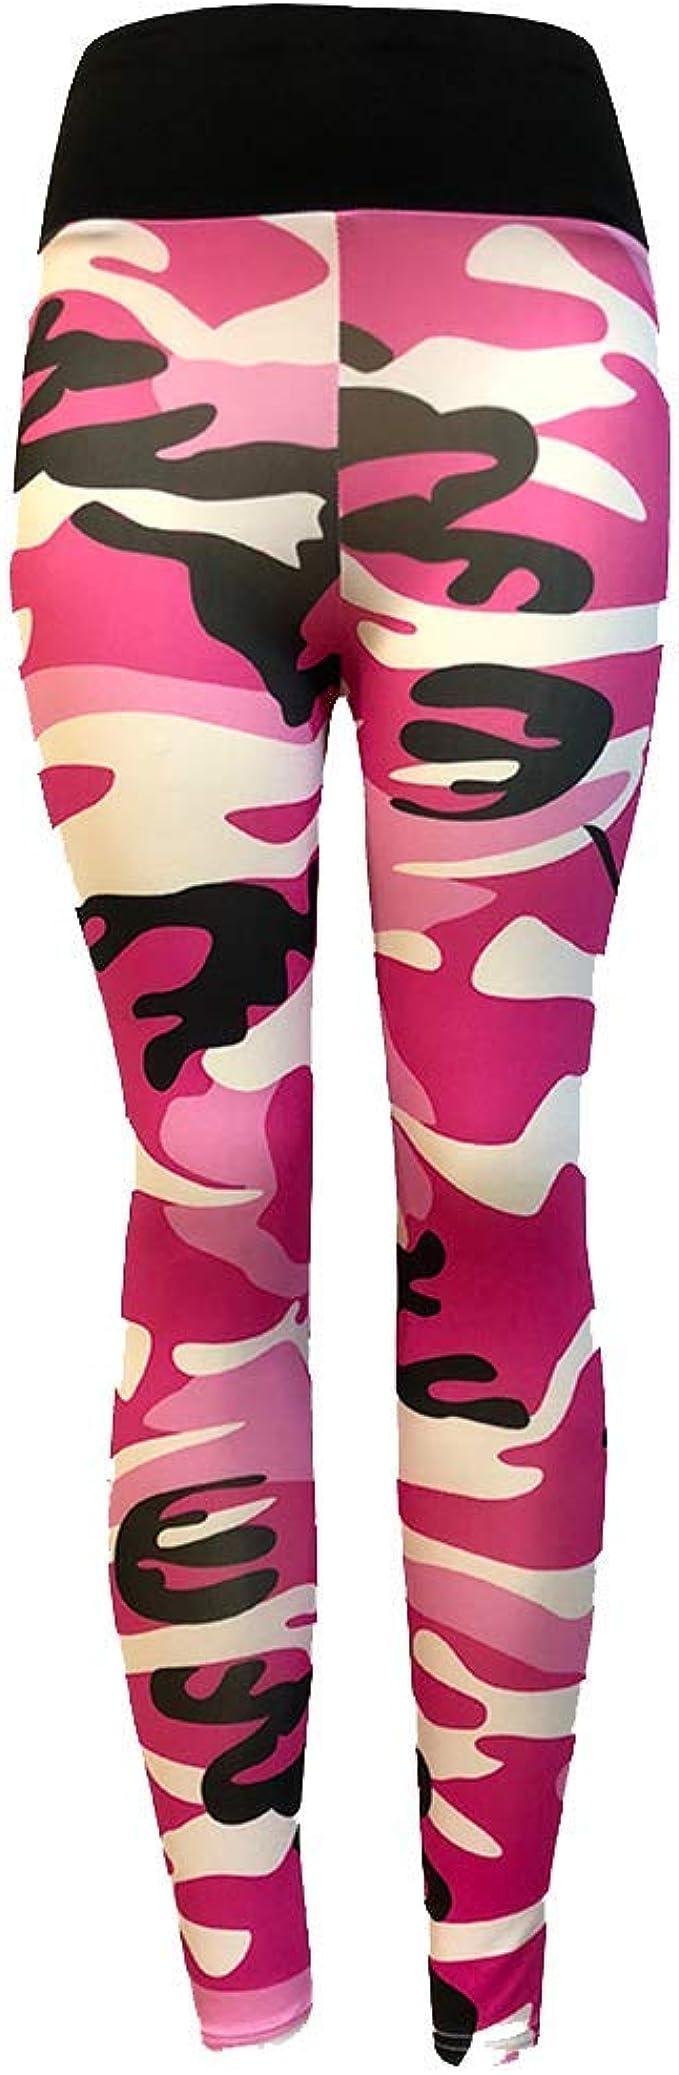 Pantalones Leggings Yoga Cintura Running Pantalones Delgados Gym Running Yoga Pantalones Atleticos Ropa Para Mujer Pantalon De Encaje Uniforme De Camuflaje Lunaanco Promocion Deportes Y Aire Libre Brandknewmag Com